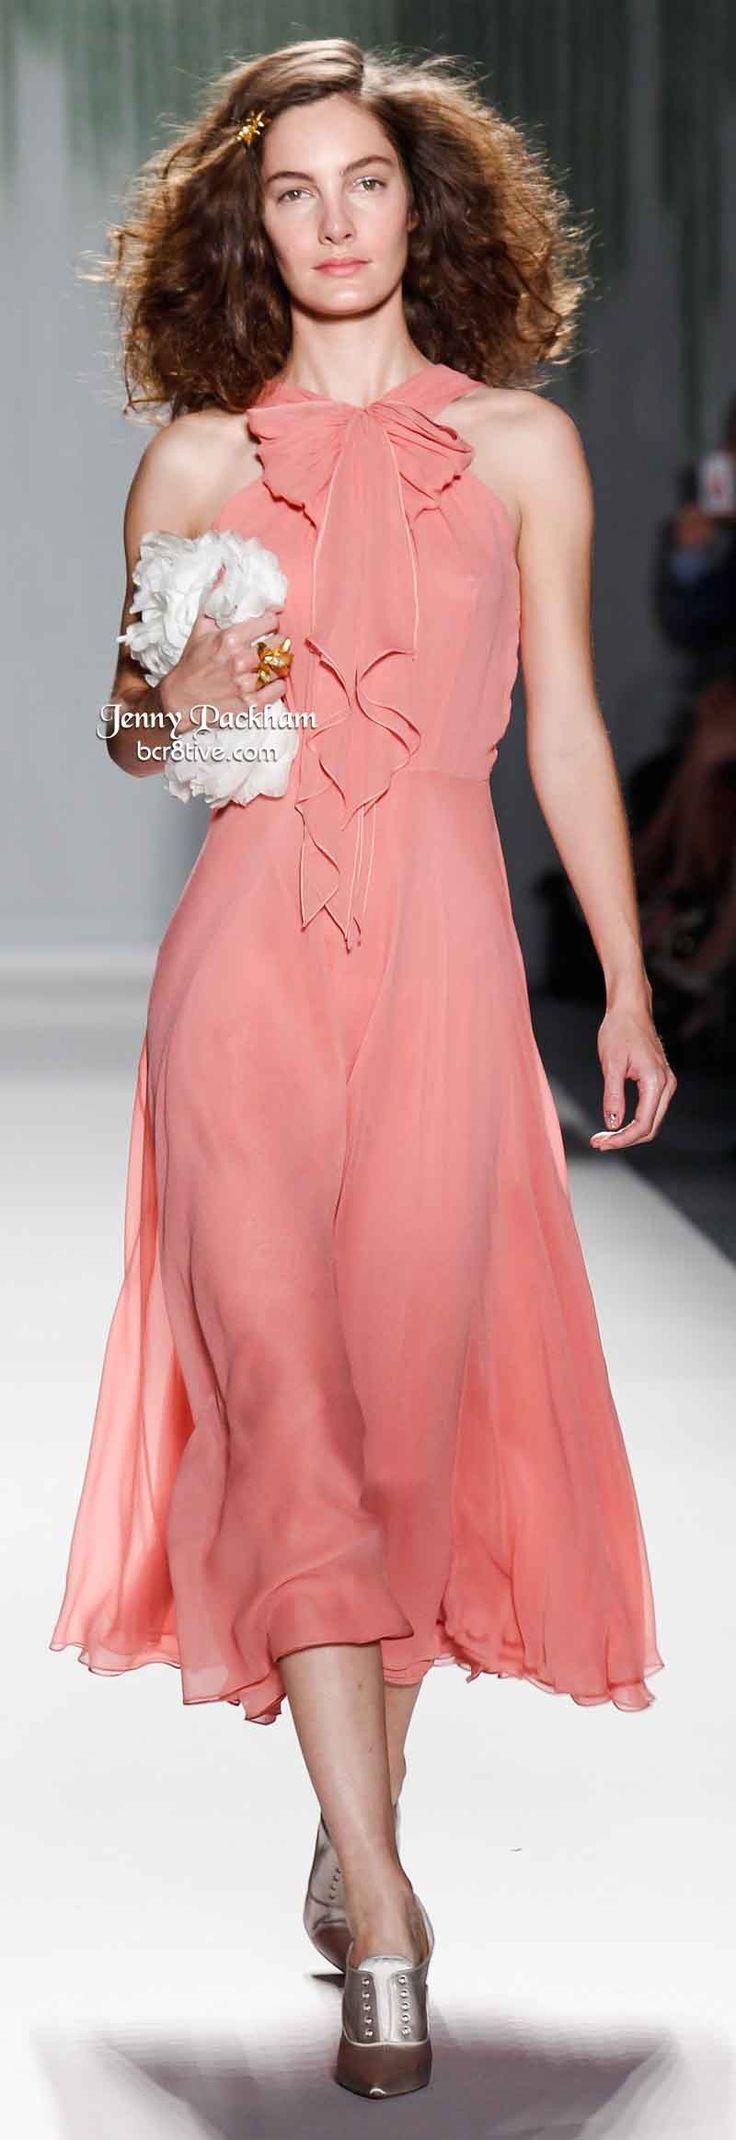 69 best Jenny Packham images on Pinterest | Autumn fashion, Bridal ...